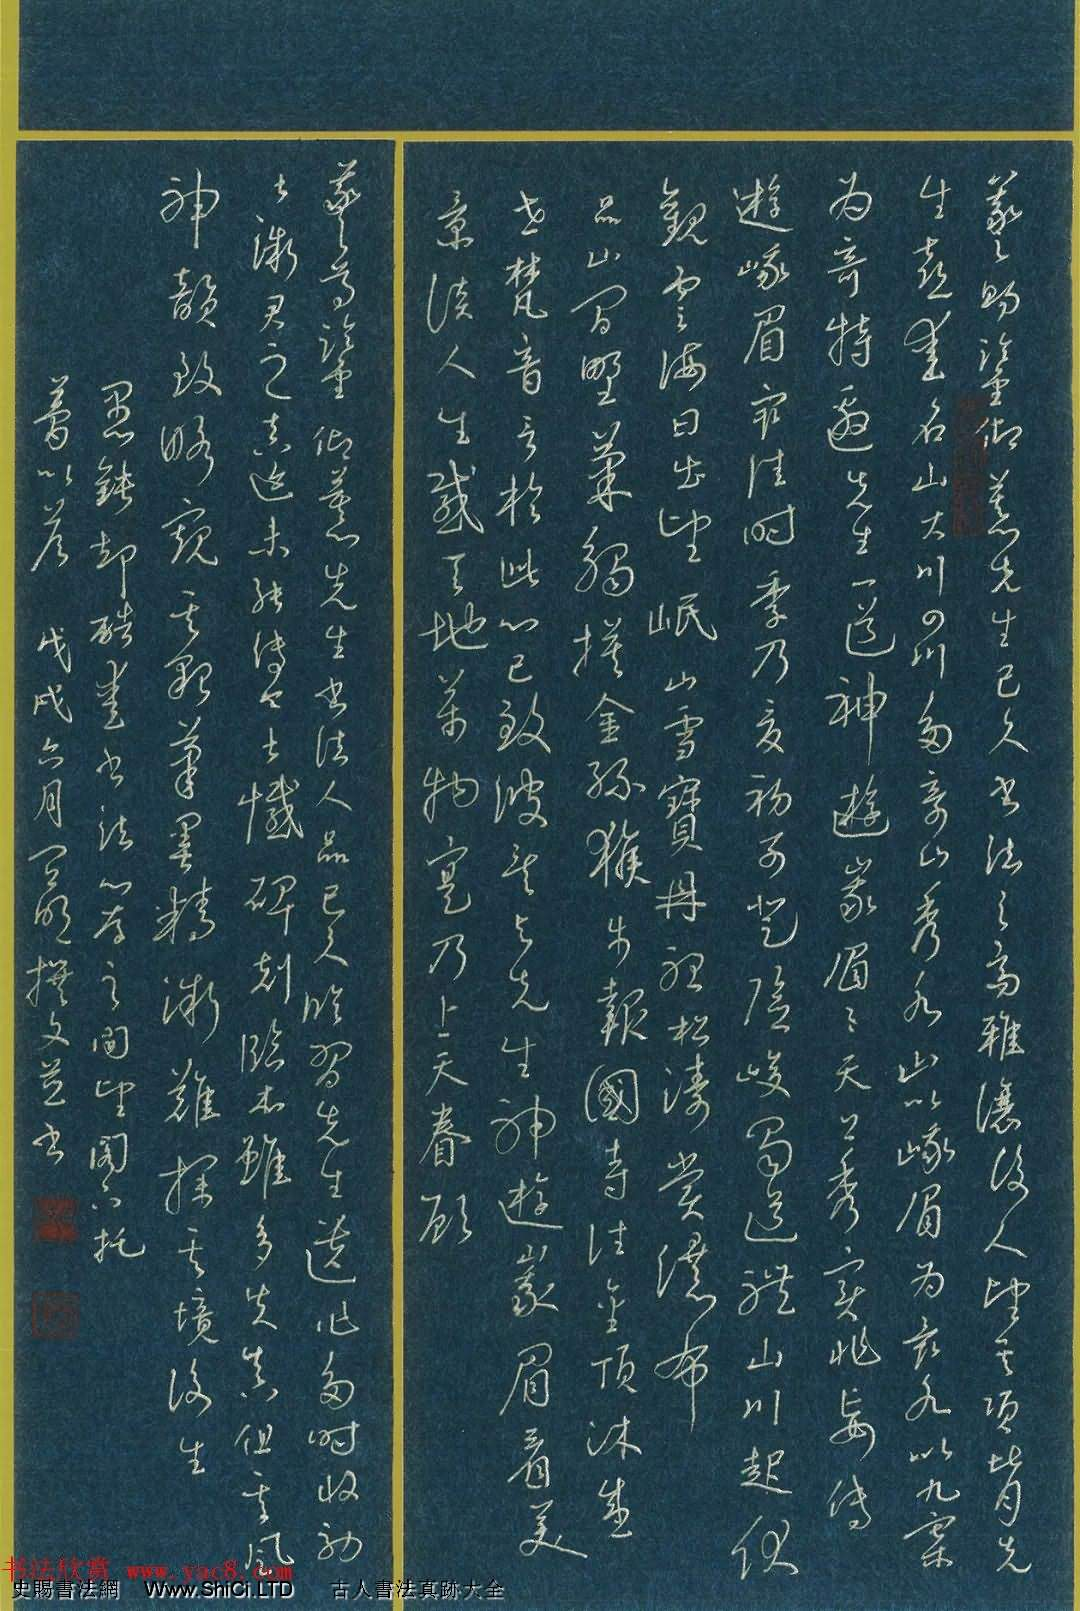 四川省第二屆硬筆書法大賽獲獎作品